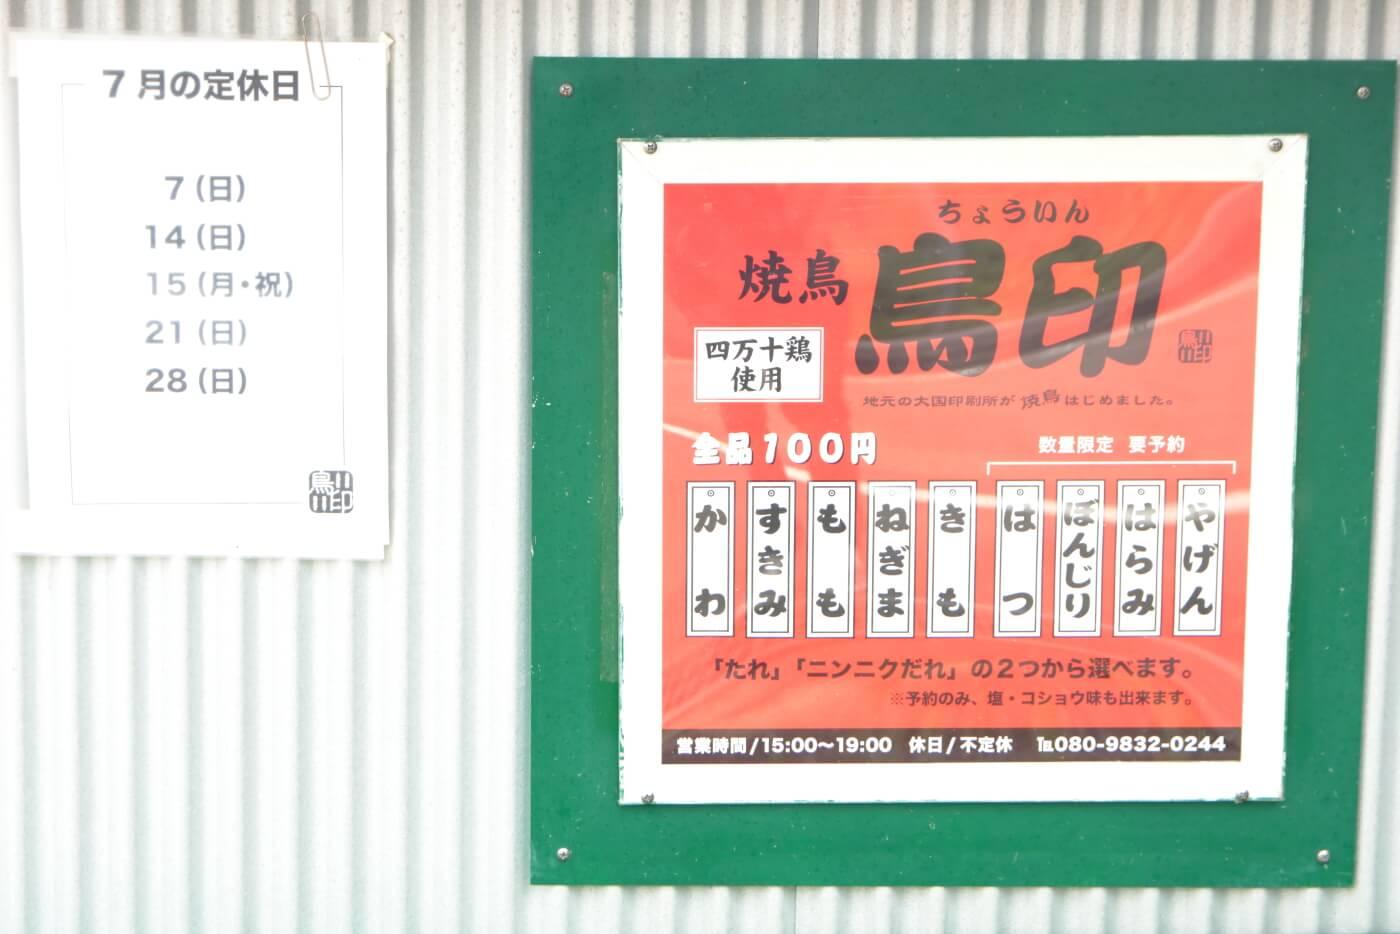 高知 いの町の焼鳥店 鳥印(ちょういん)のメニュー